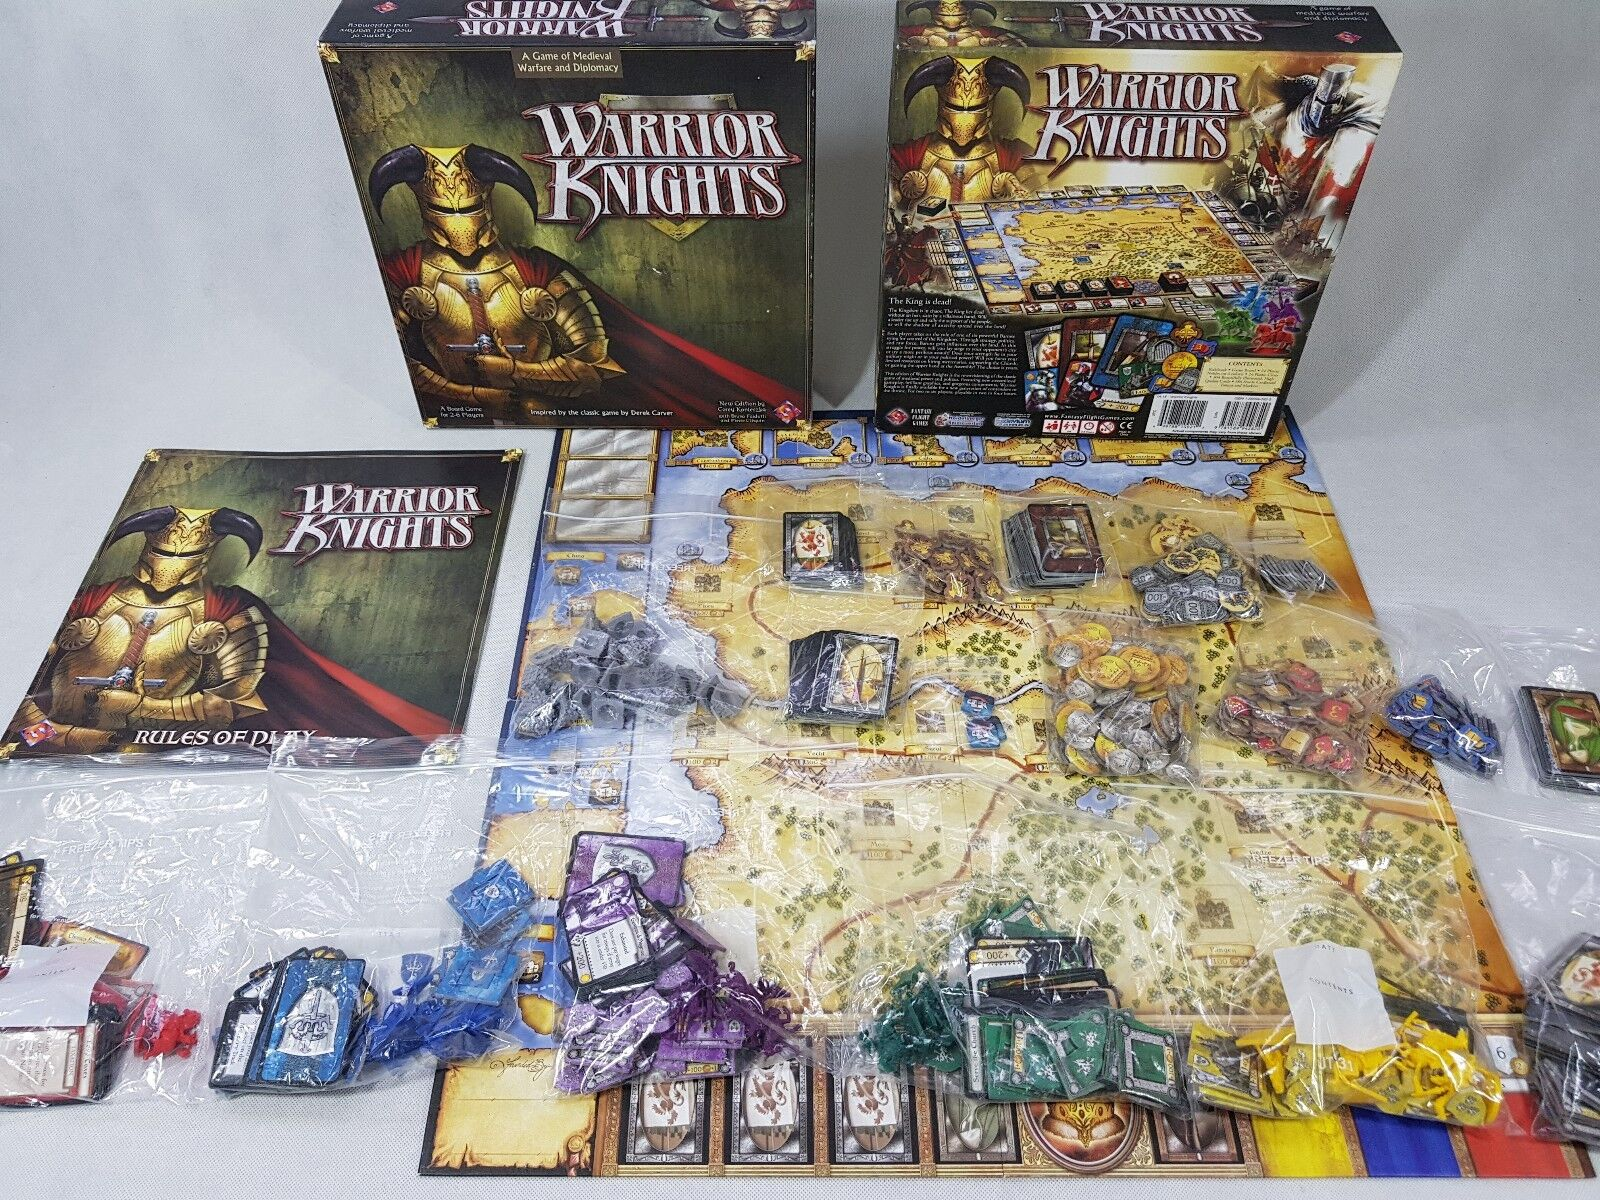 FFG fantasyc volo giocos-Warrior Knights 100% COMPLETO COMPLETO COMPLETO tavola gioco [ENG, 2006] efd169